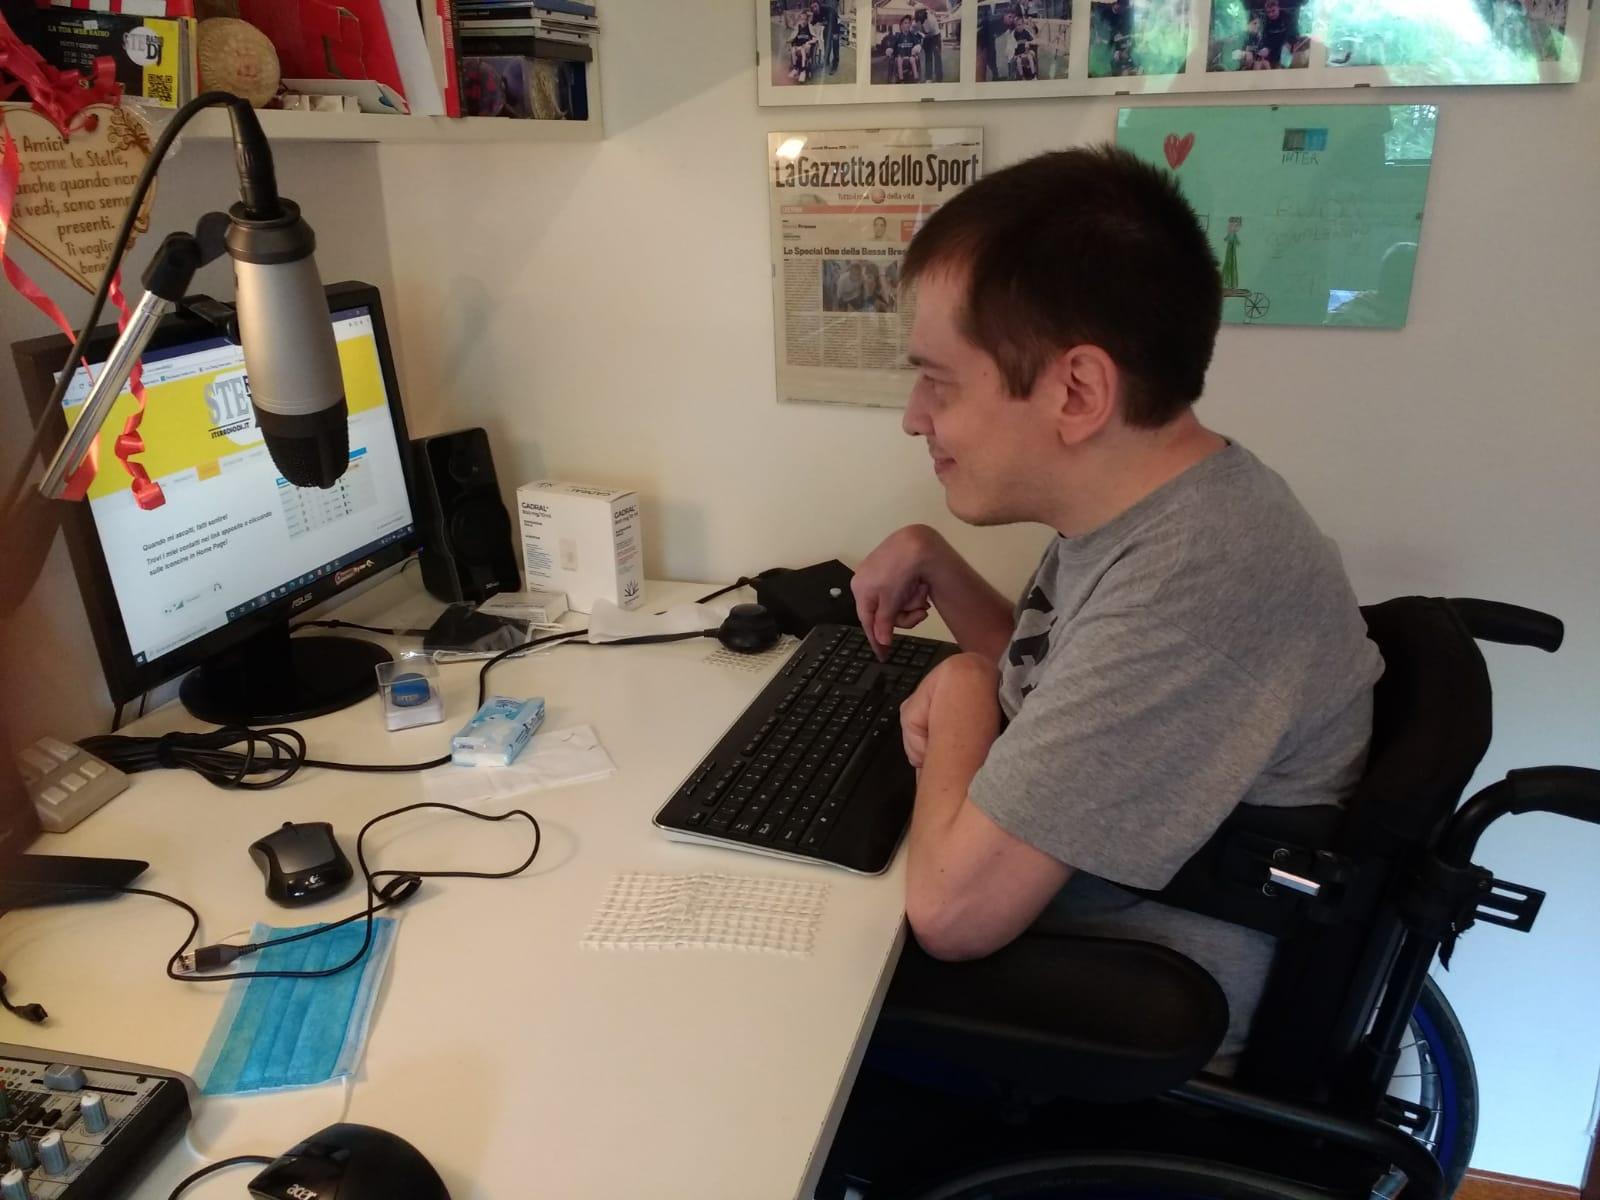 Stefano Pietta e la sua web radio